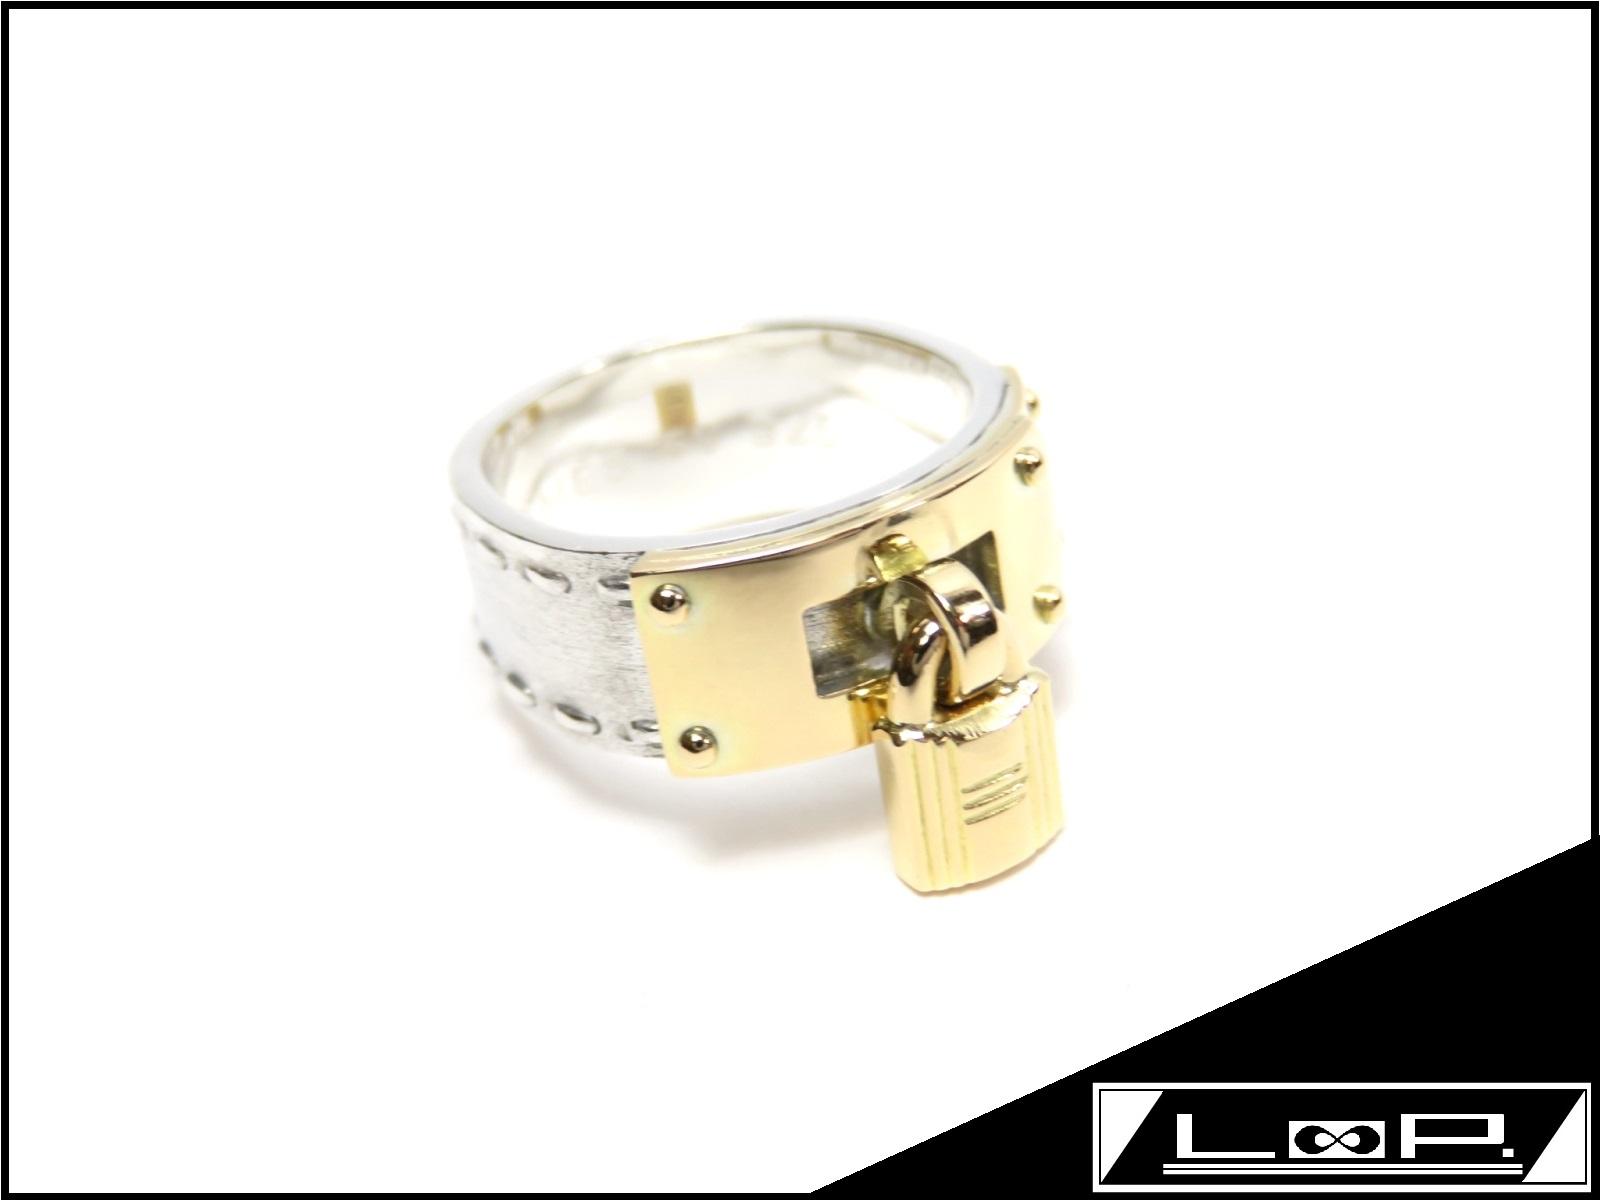 【磨き済 美品】 HERMES エルメス ケリー リング 指輪 アクセサリー コンビ シルバー ゴールド SV 925 YG 750 【A23526】 【中古】